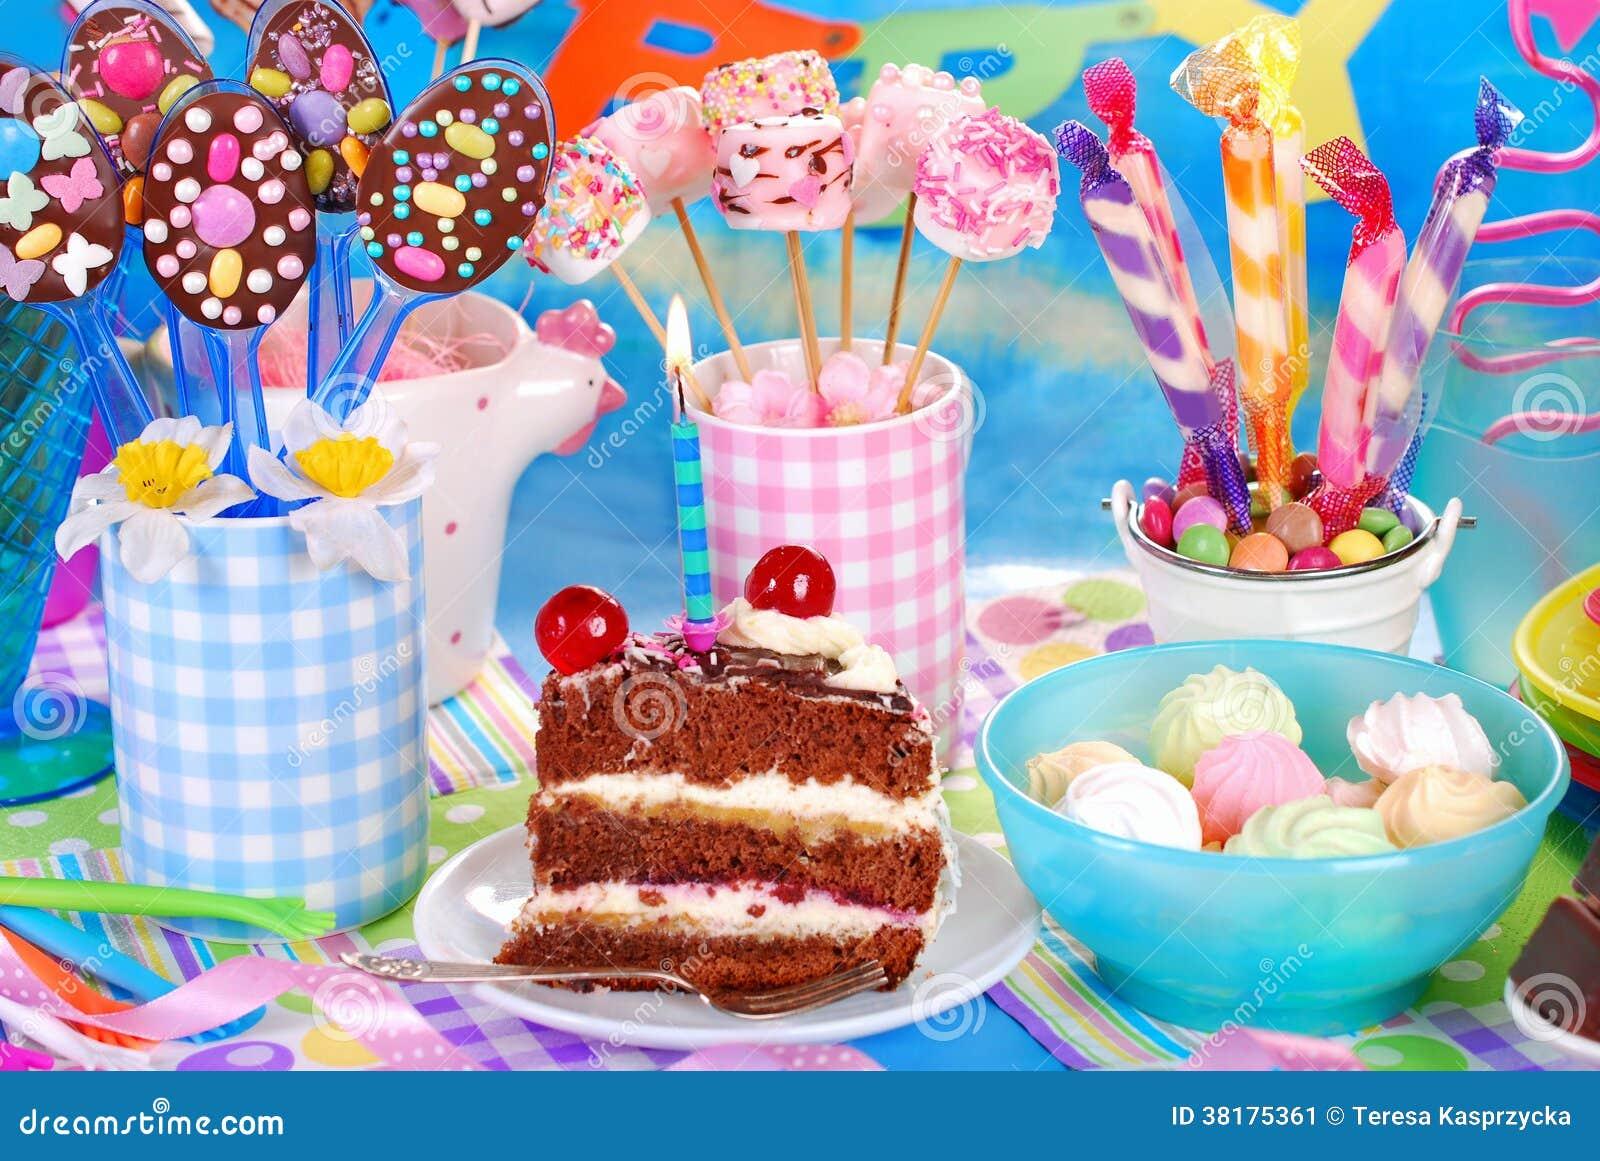 Ben noto Dolci Per La Festa Di Compleanno Dei Bambini Immagine Stock  RP63